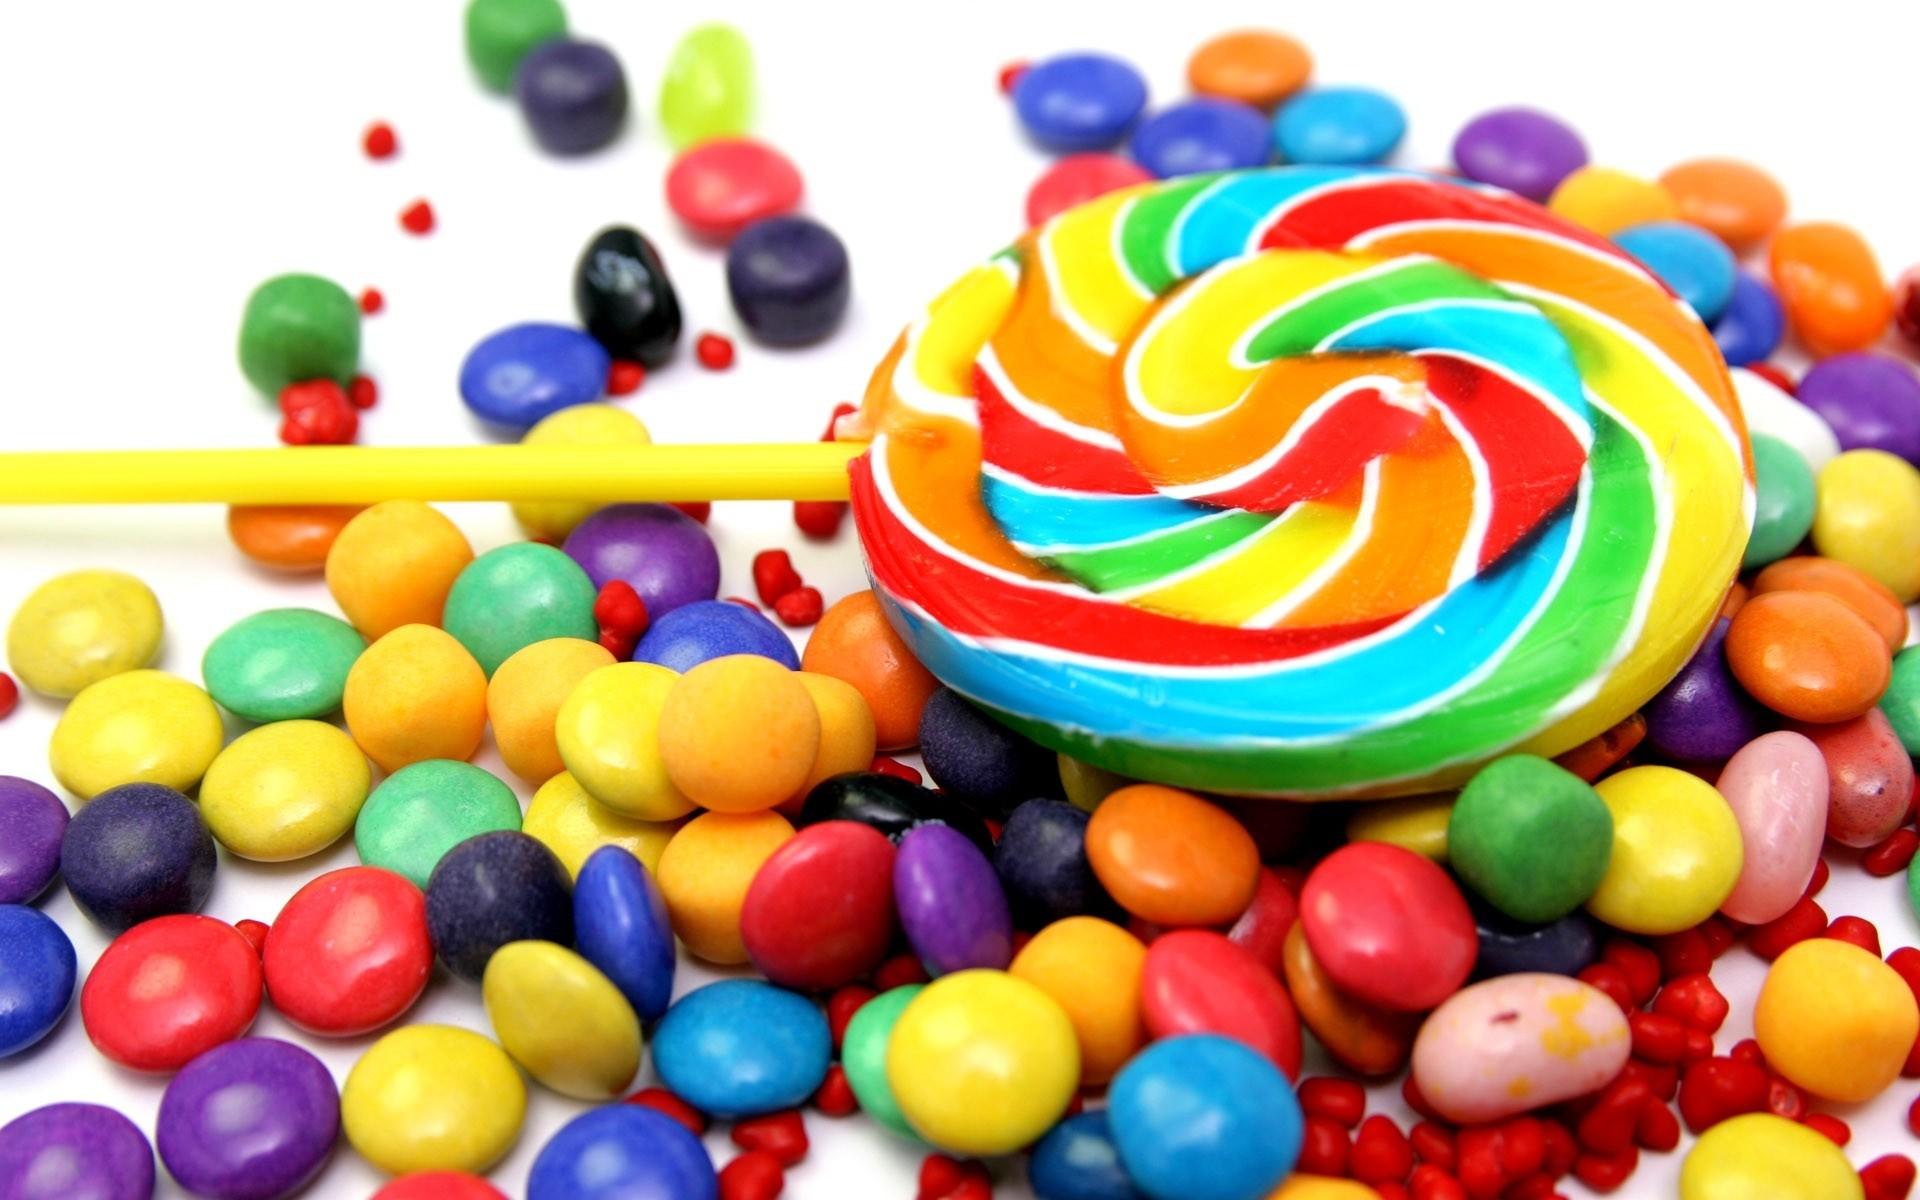 Candyland Background 35 Images